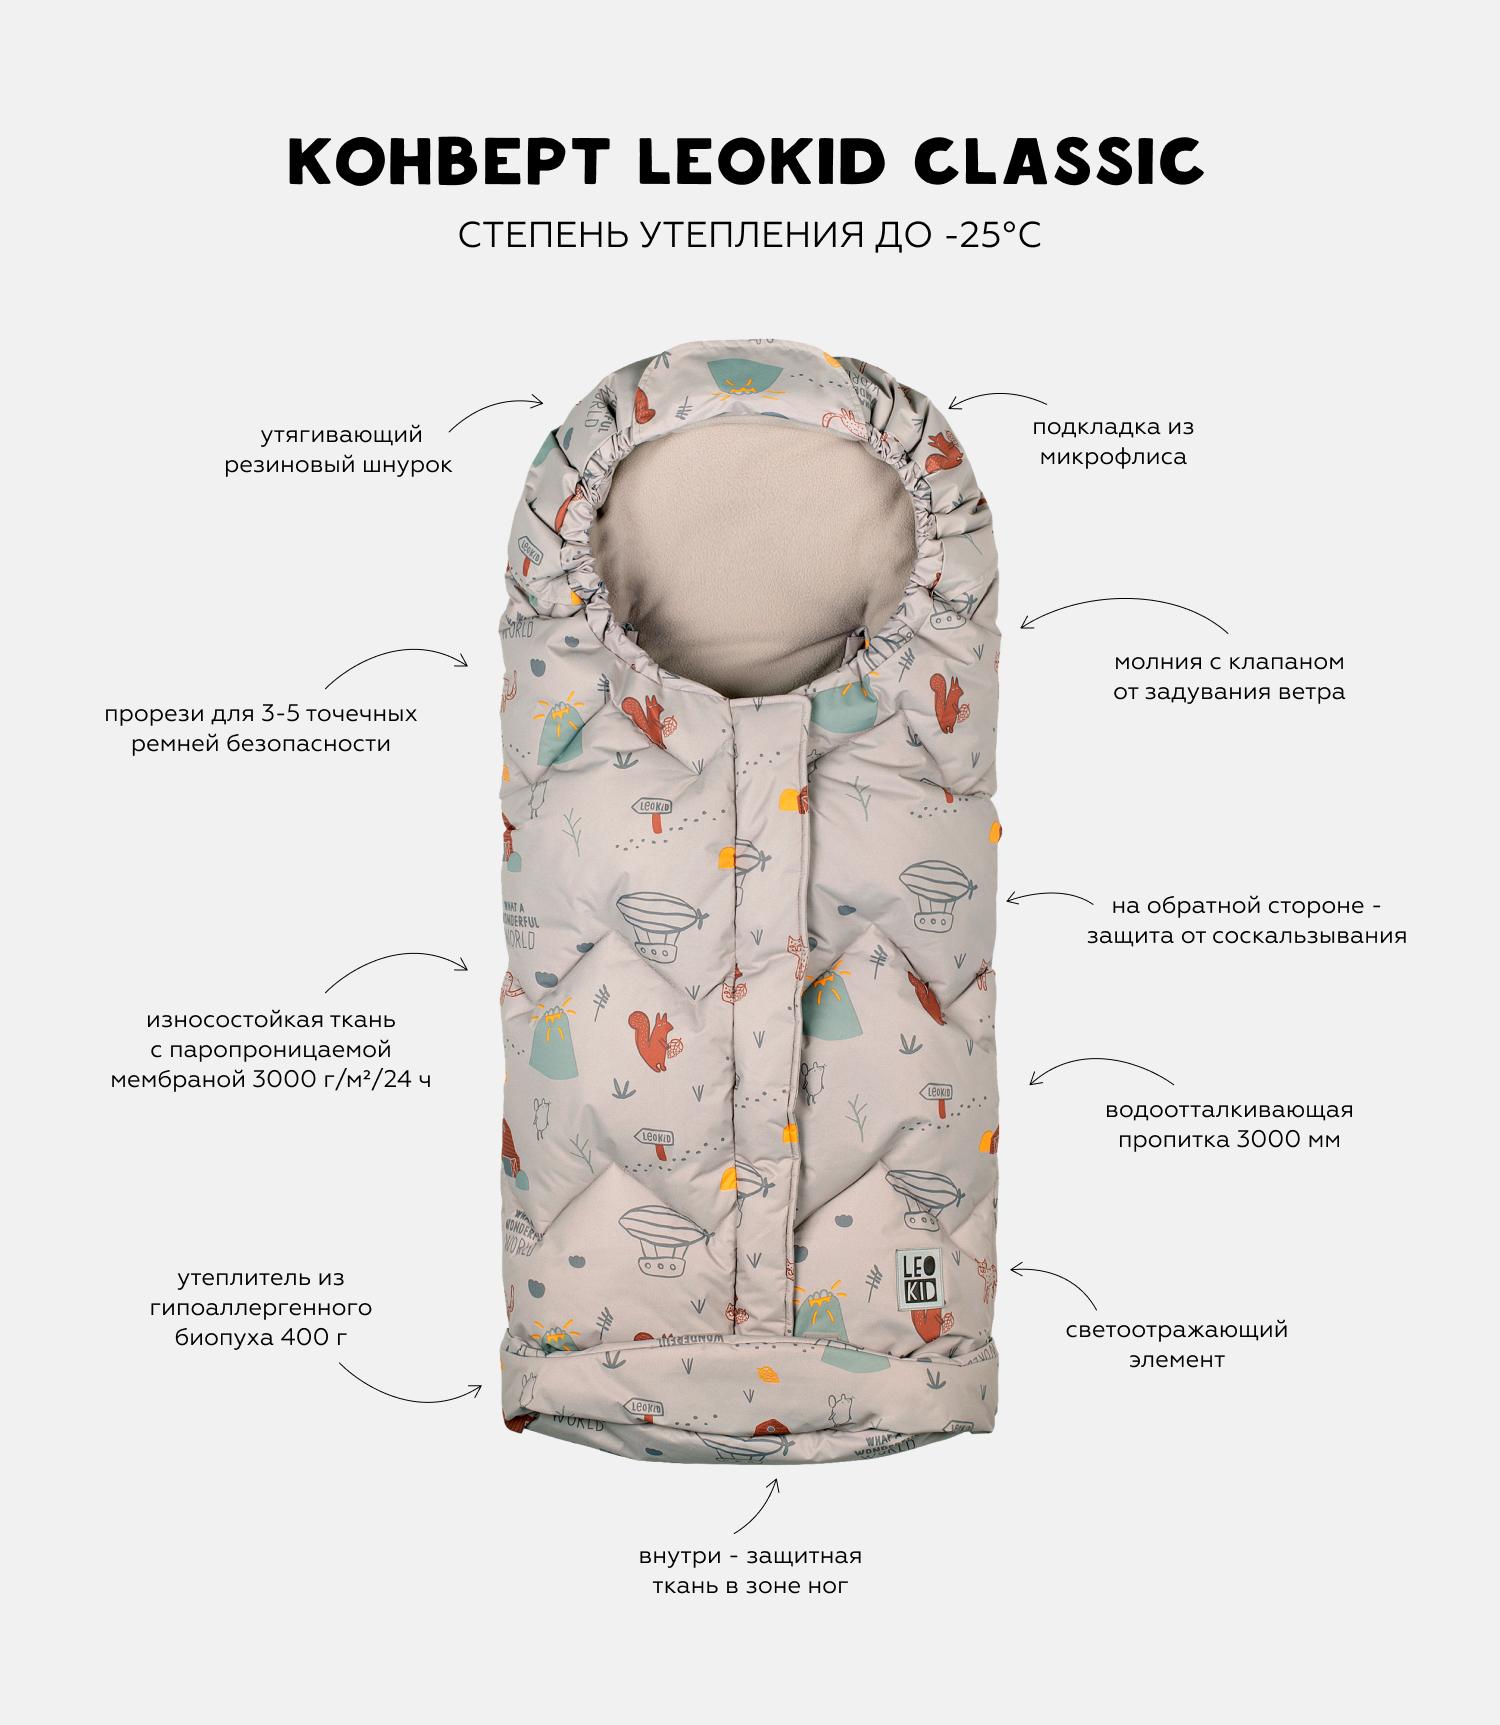 Описание конверта Leokid Classic